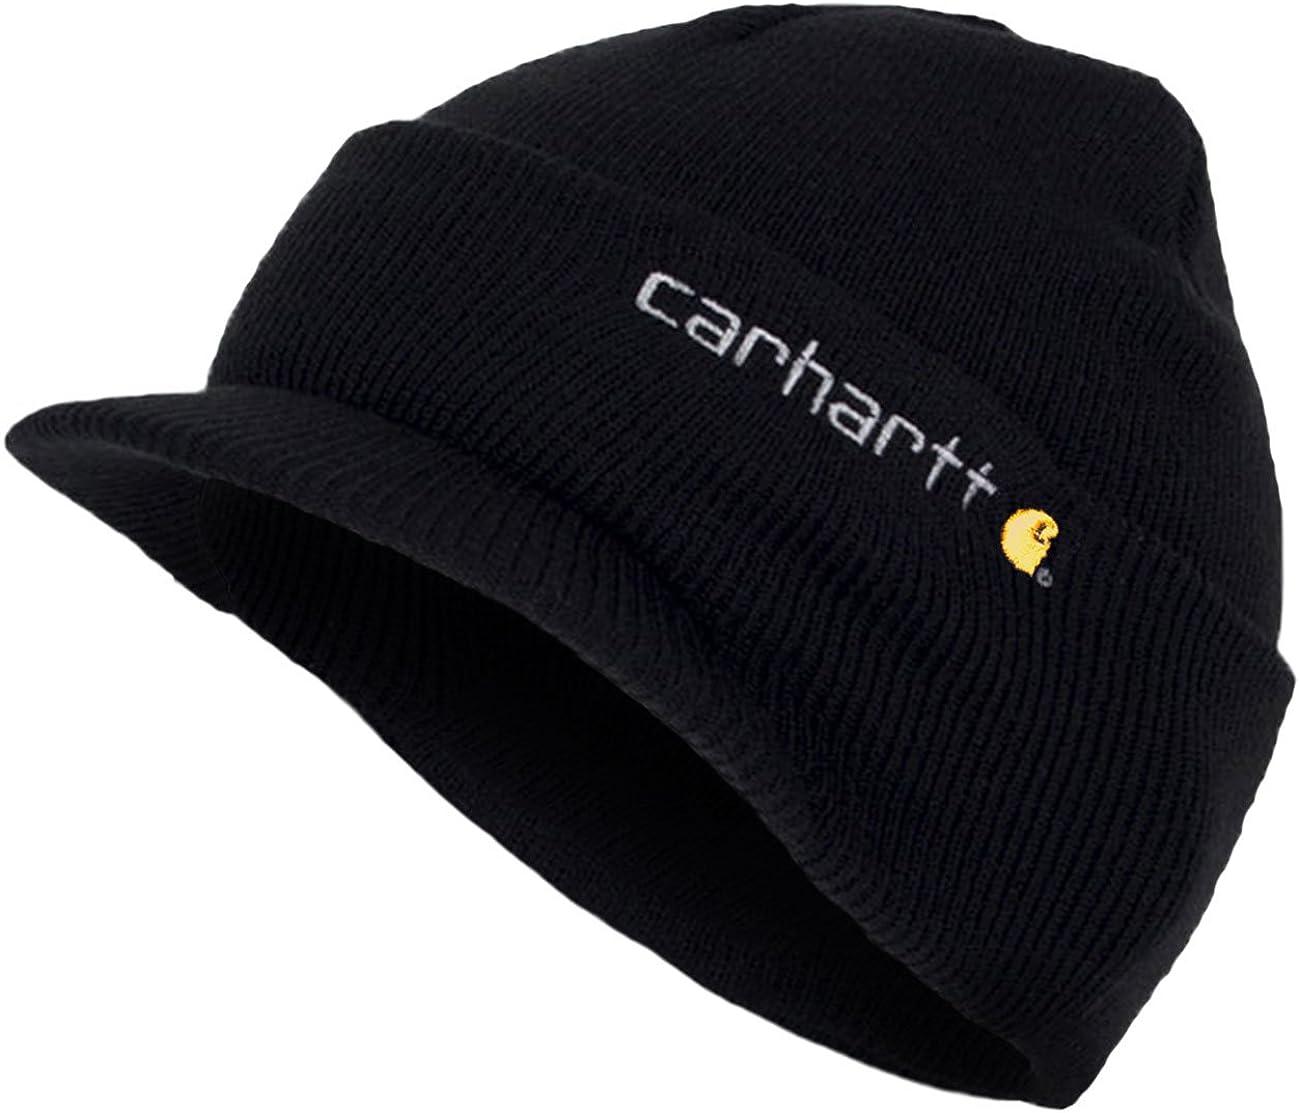 Nero CHA164BLK Beanie Peak Cappello CHA164BLK Cuffia a Maglia con Visiera Carhartt